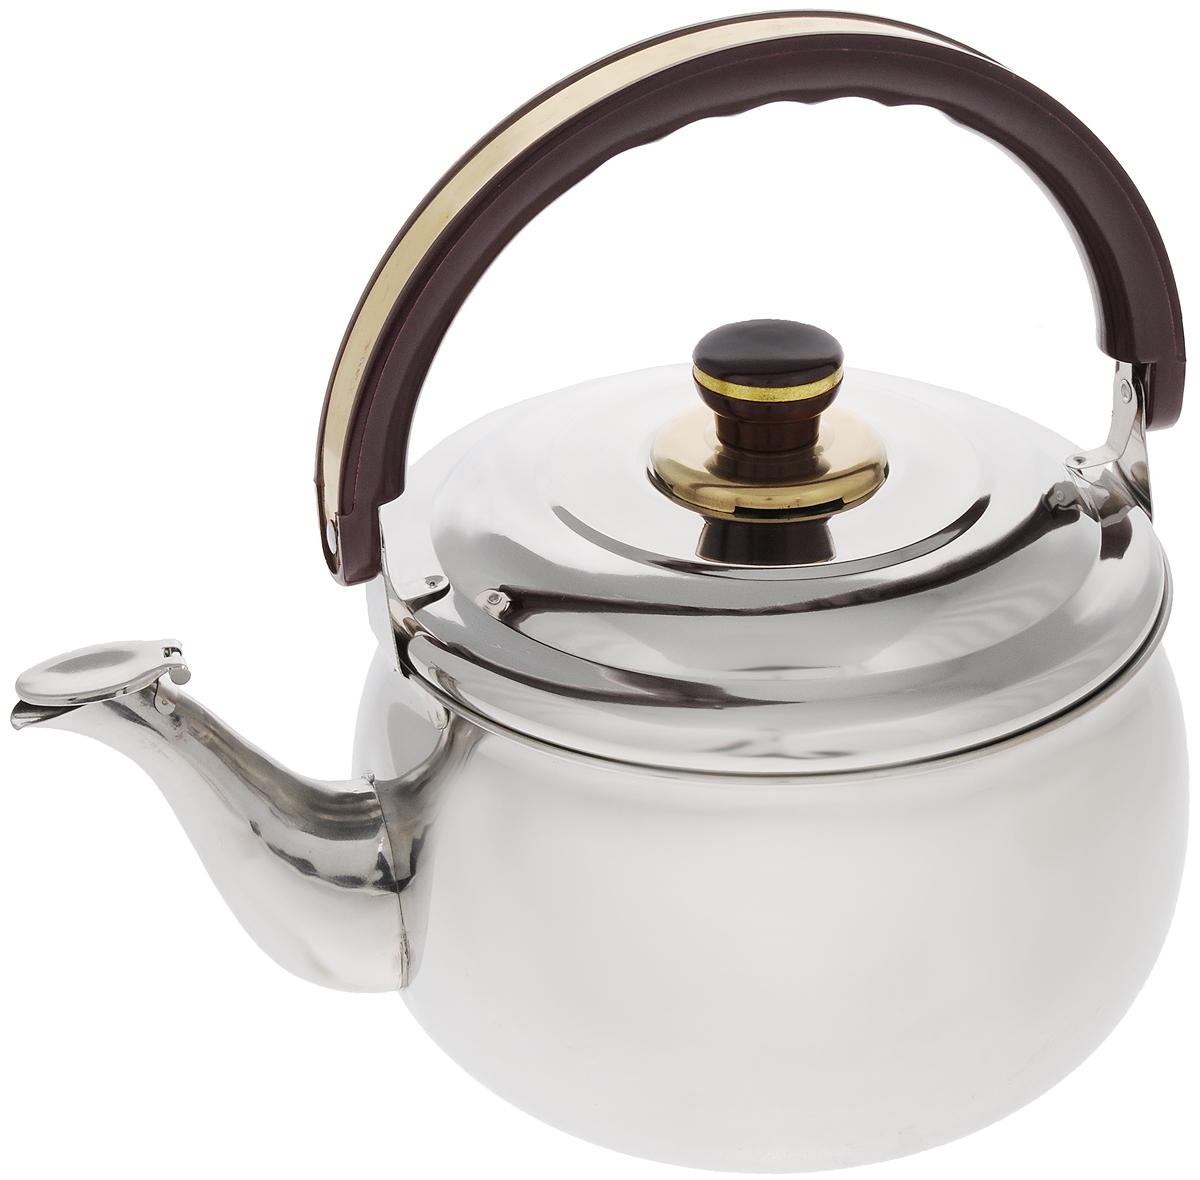 Чайник Mayer & Boch, со свистком, 5 л. 77587758Чайник Mayer & Boch изготовлен из высококачественной нержавеющей стали с зеркальнойполировкой. Крышка чайника оснащена свистком, что позволит контролировать процессподогрева или кипячения воды. Подвижная бакелитовая ручка имеет эргономичную форму,обеспечивая дополнительное удобство при разлитии напитка. Широкое верхнее отверстиепозволит удобно налить воду.Чайник подходит для электрических, газовых, стеклокерамическихи индукционных плит. Можно мыть впосудомоечной машине. Диаметр чайника по верхнему краю: 20,5 см.Диаметр основания: 16,5 см.Высота чайника (без учета ручки и крышки): 13,5 см.Высота чайника (с учетом ручки и крышки): 28,5 см.